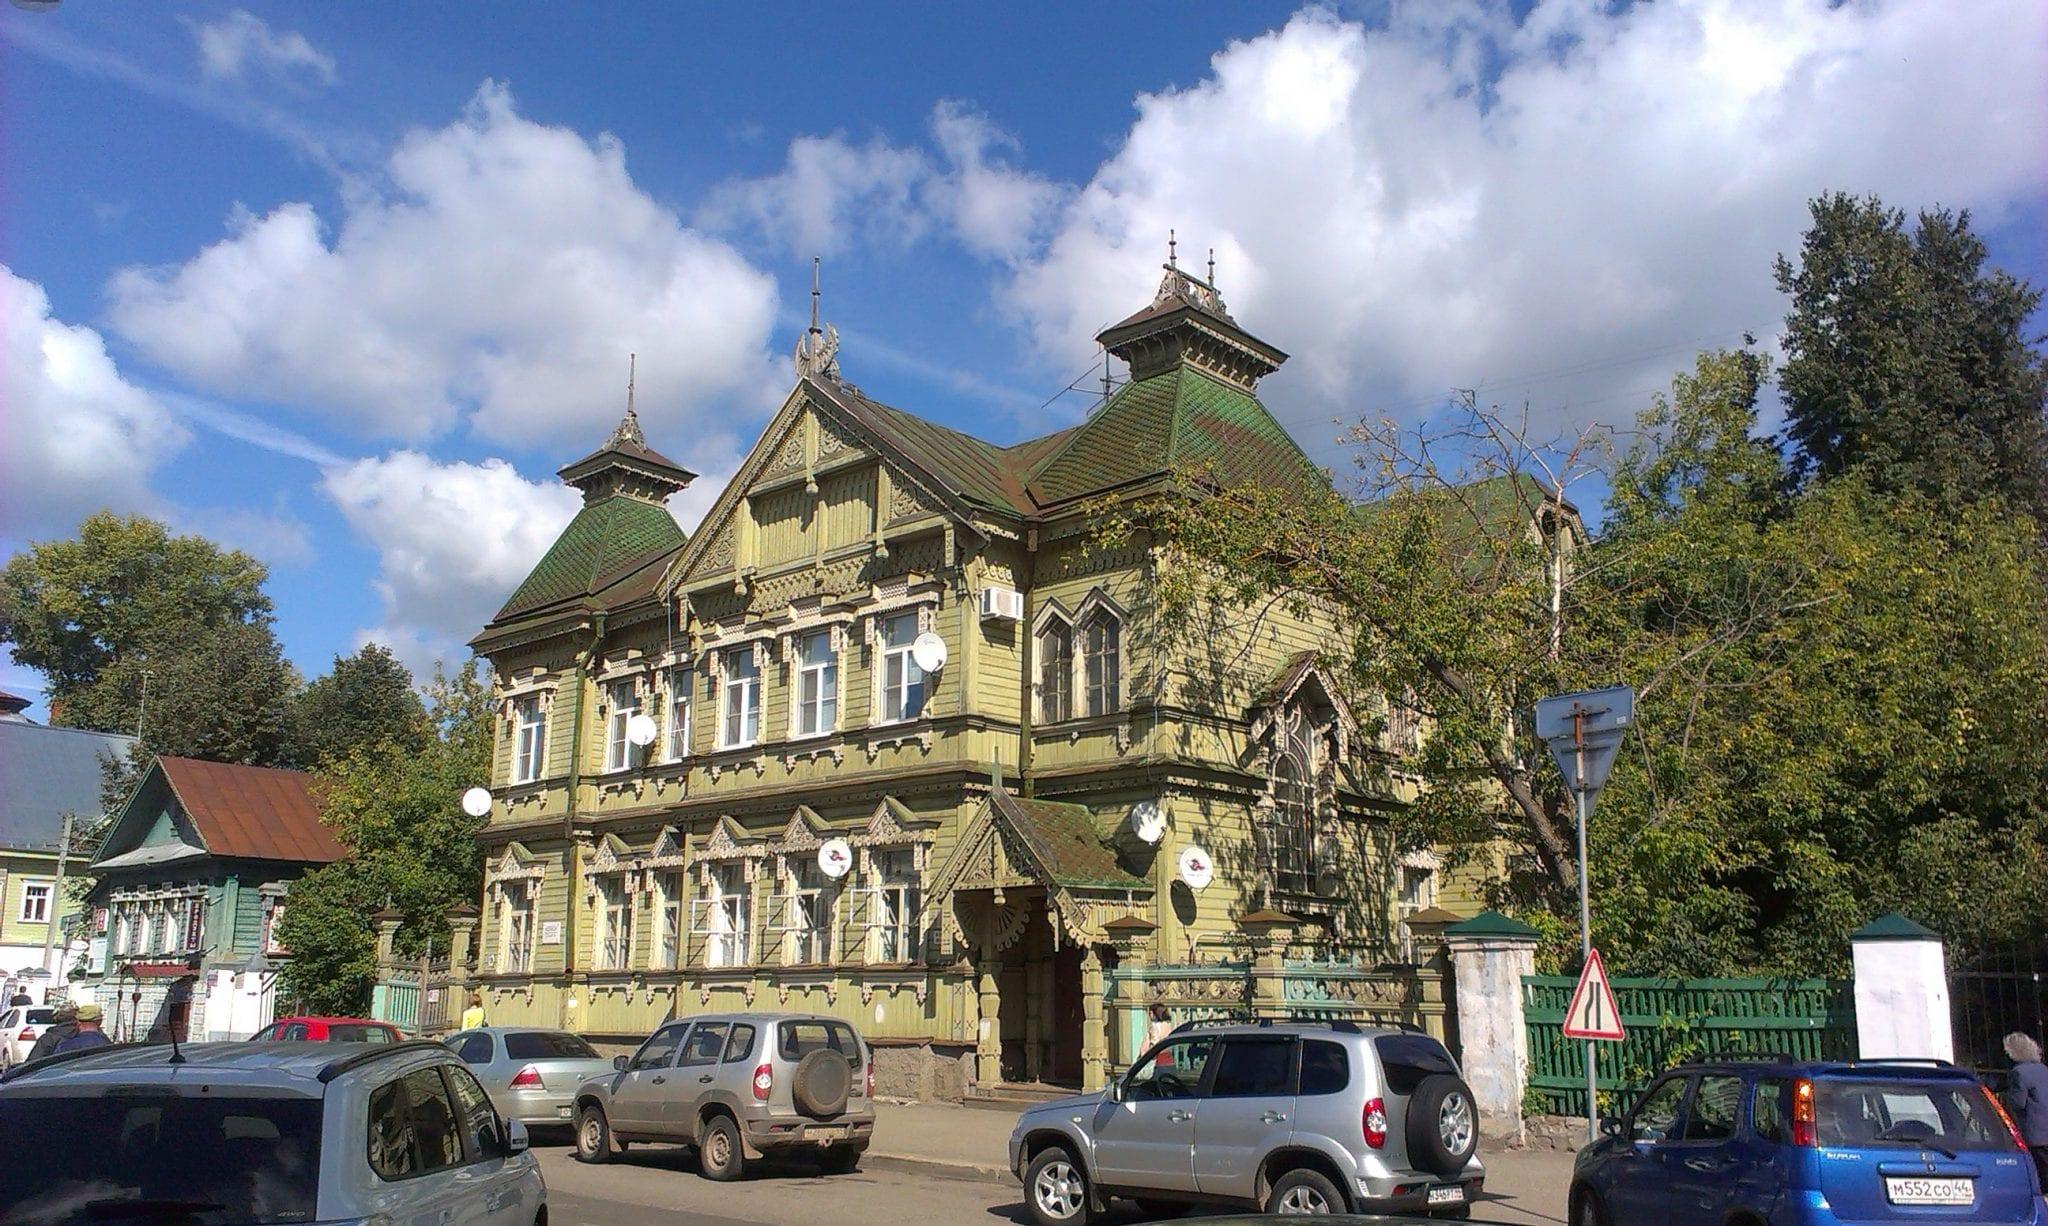 Kostroma wooden house